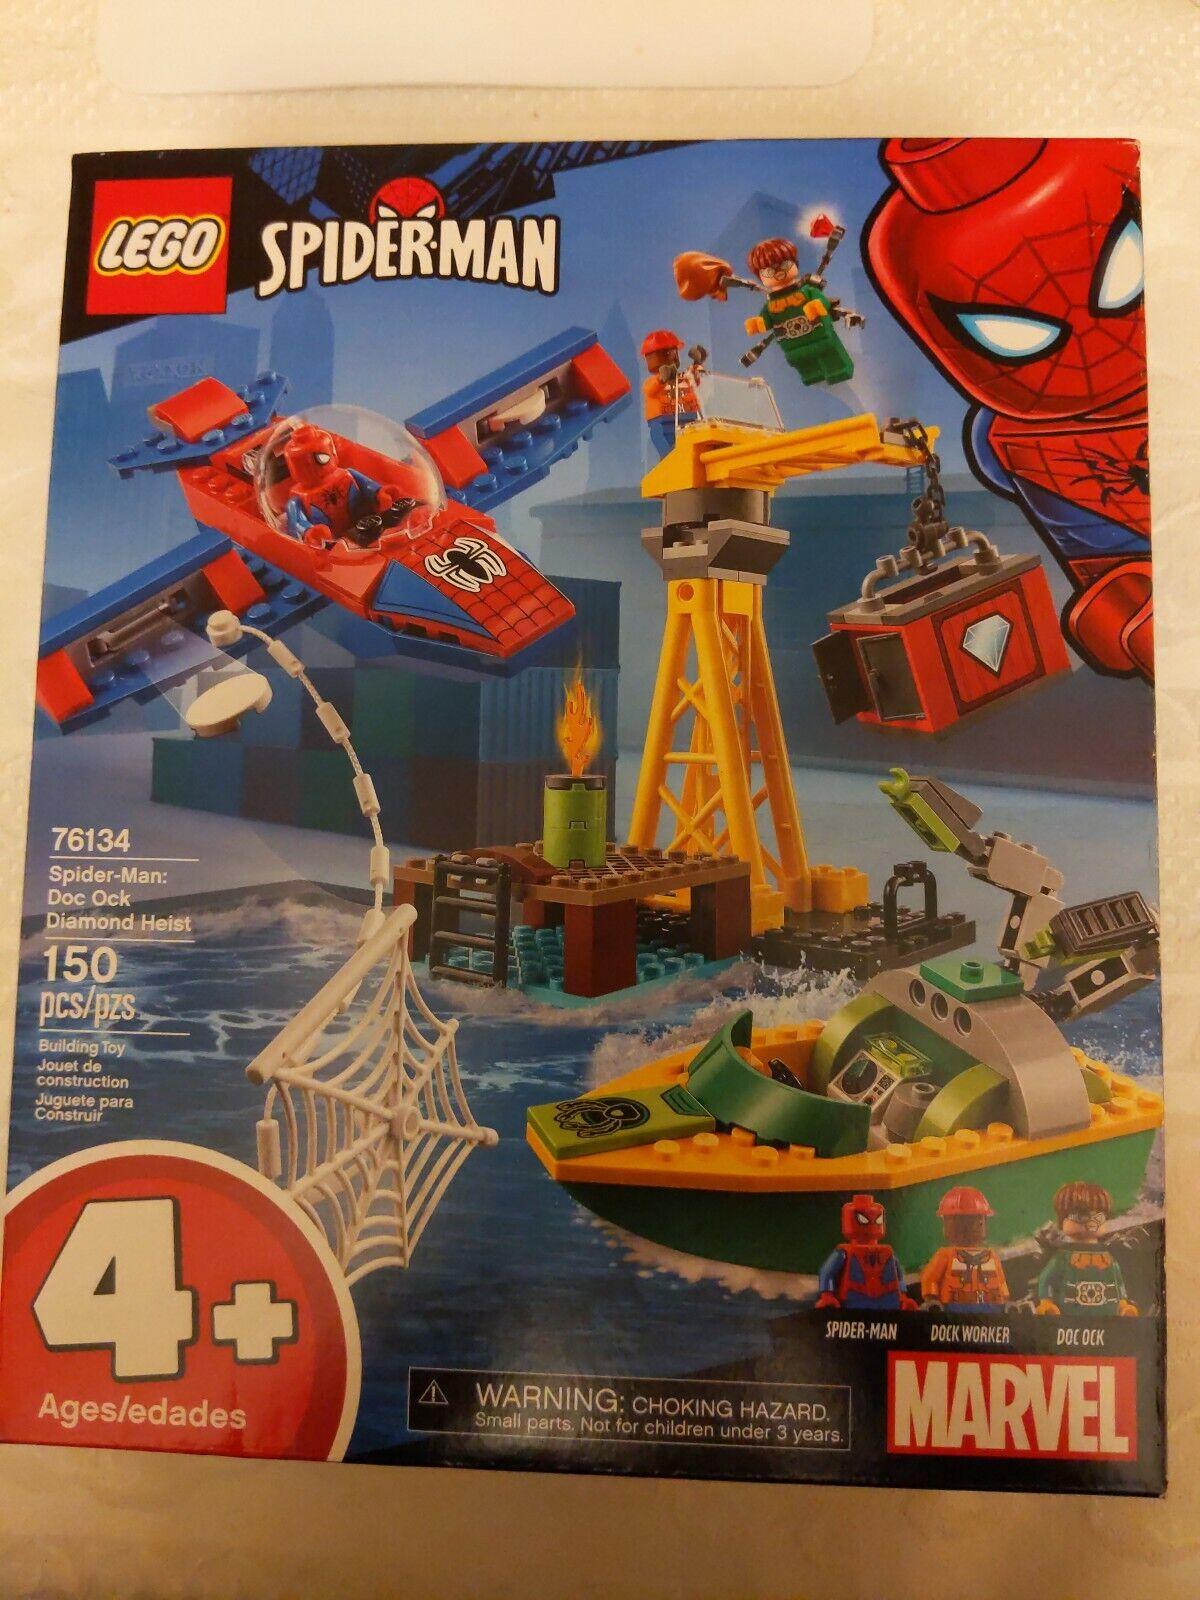 Lego Marvel Spiderman 76134 Doc Ock Diamond Heist male *DOCK WORKER* minifigure!